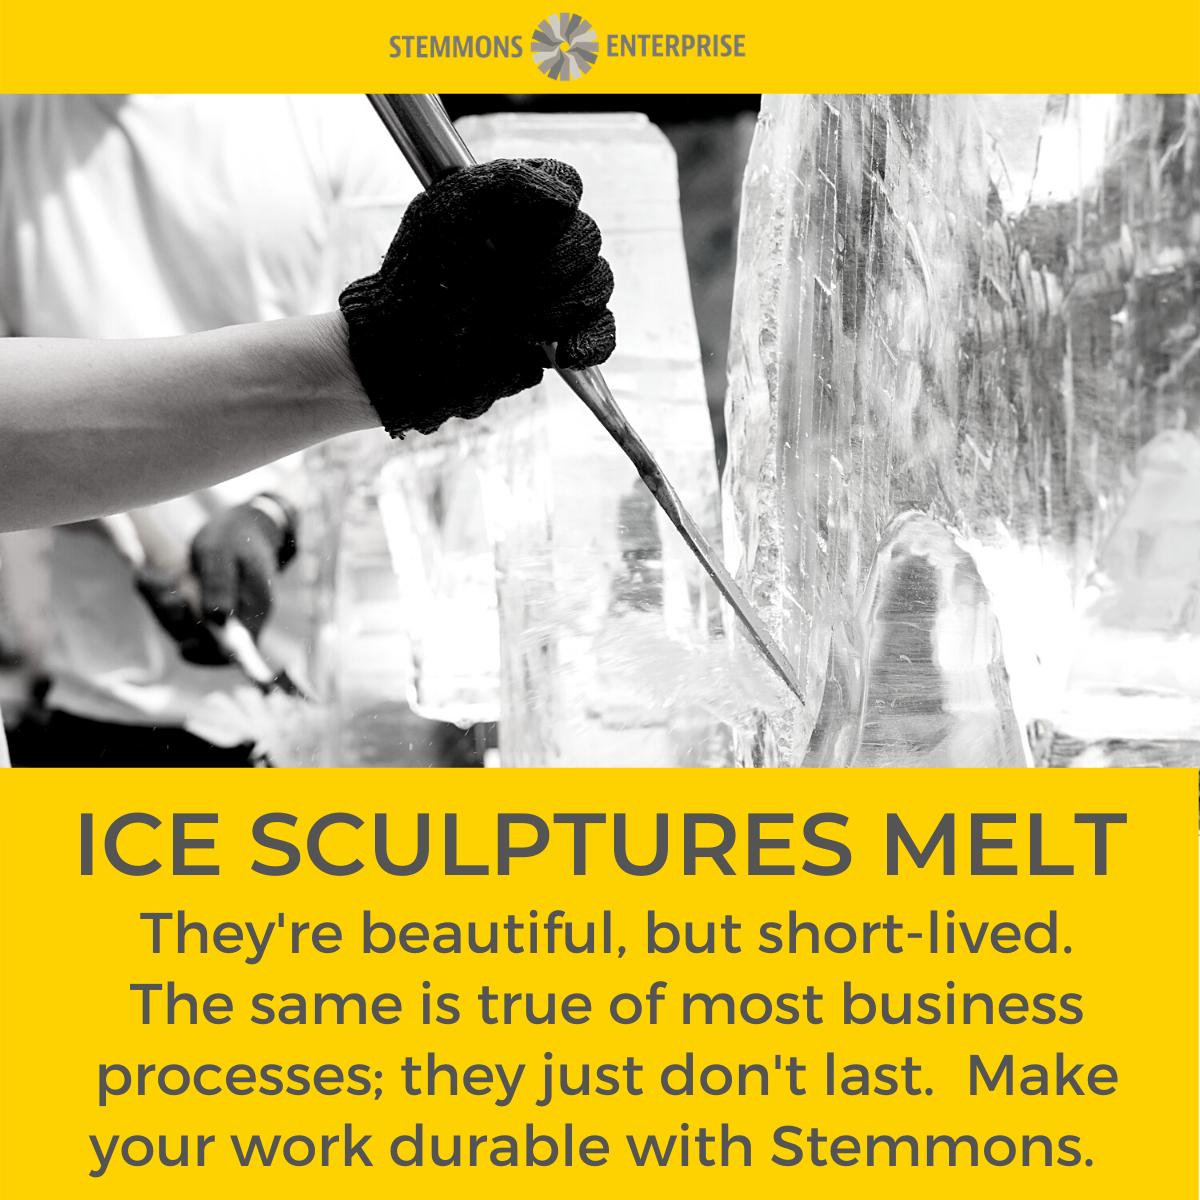 Ice Sculptures Melt